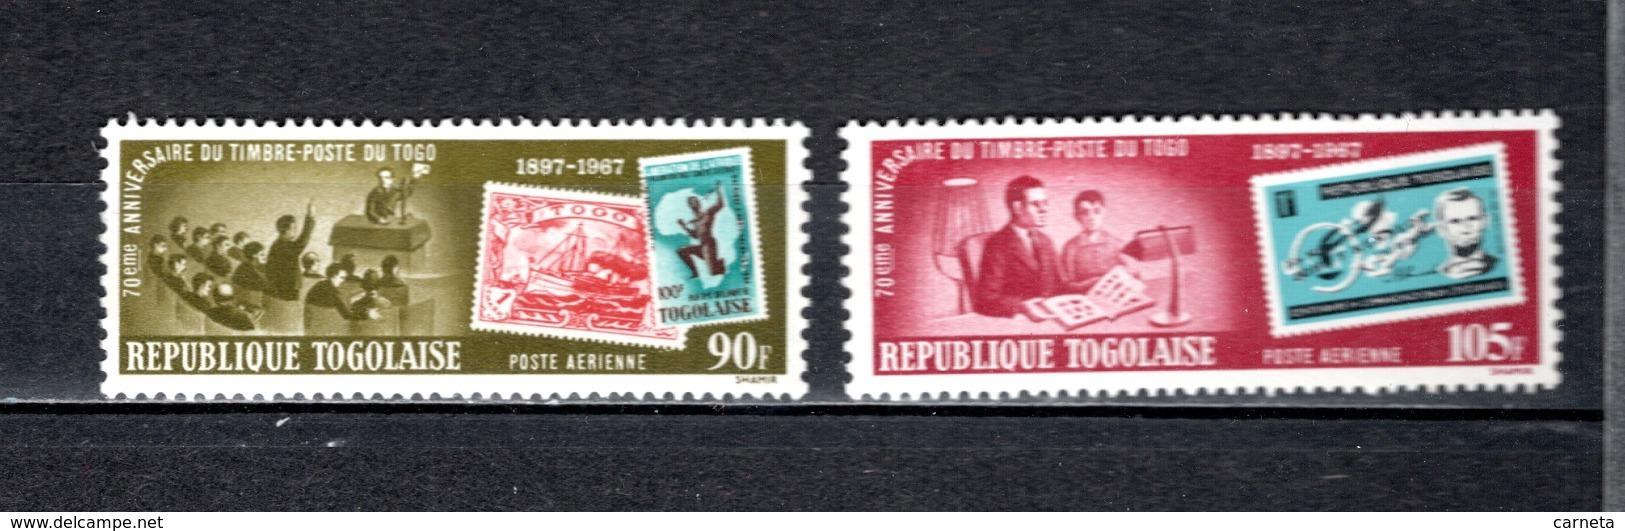 TOGO PA N°  84 + 85  NEUFS SANS CHARNIERE COTE  5.50€  TIMBRE SUR TIMBRE POSTE  VOIR DESCRIPTION - Togo (1960-...)